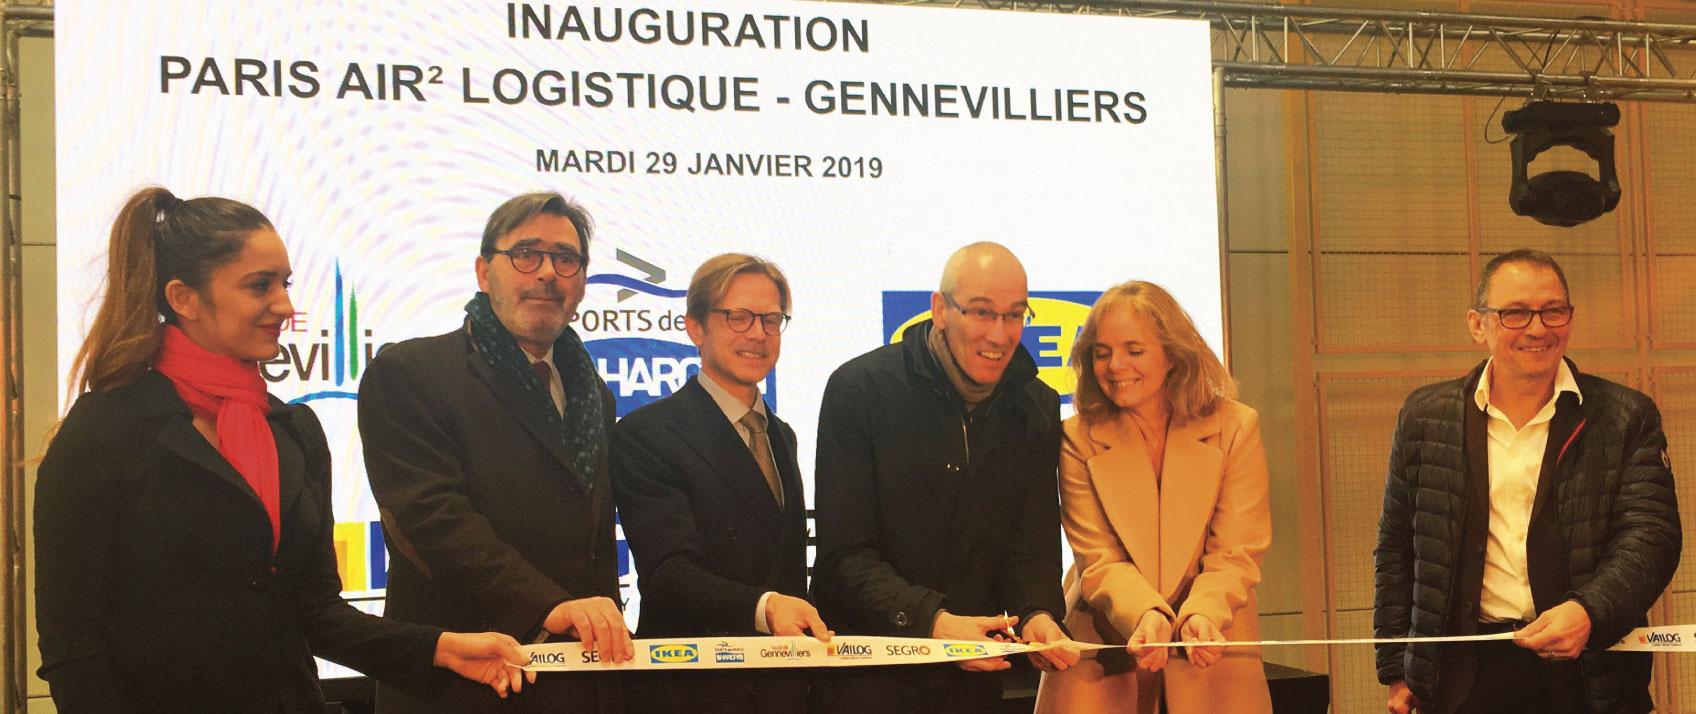 IKEA : Inauguration de la plateforme innovante Paris Air2 Logistique à Gennevilliers